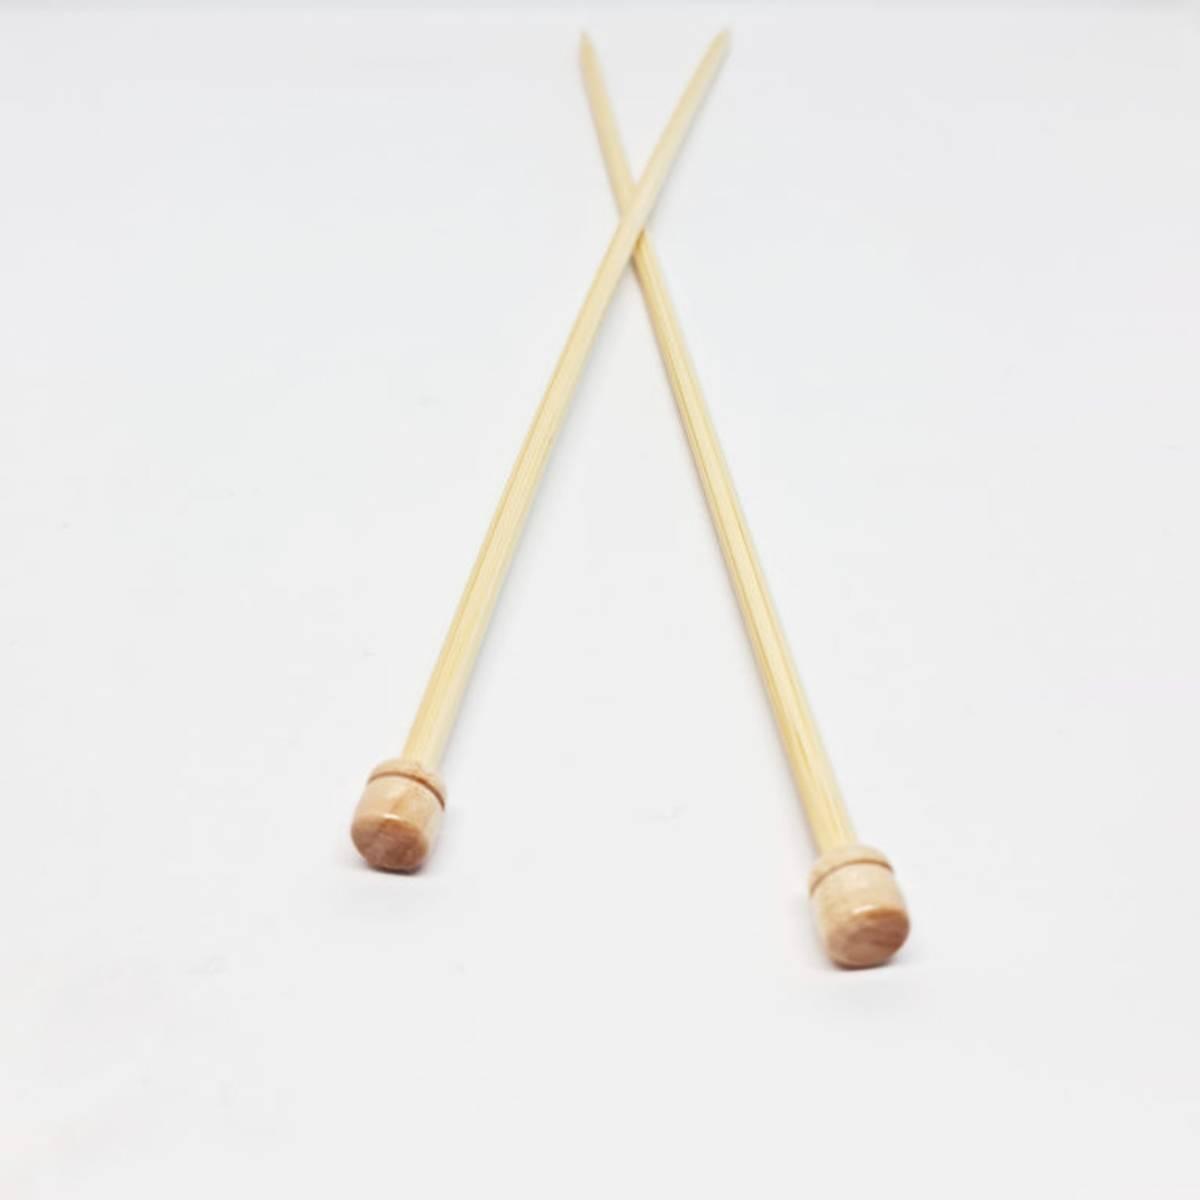 Parpinner bambus, 33cm, 4,5mm